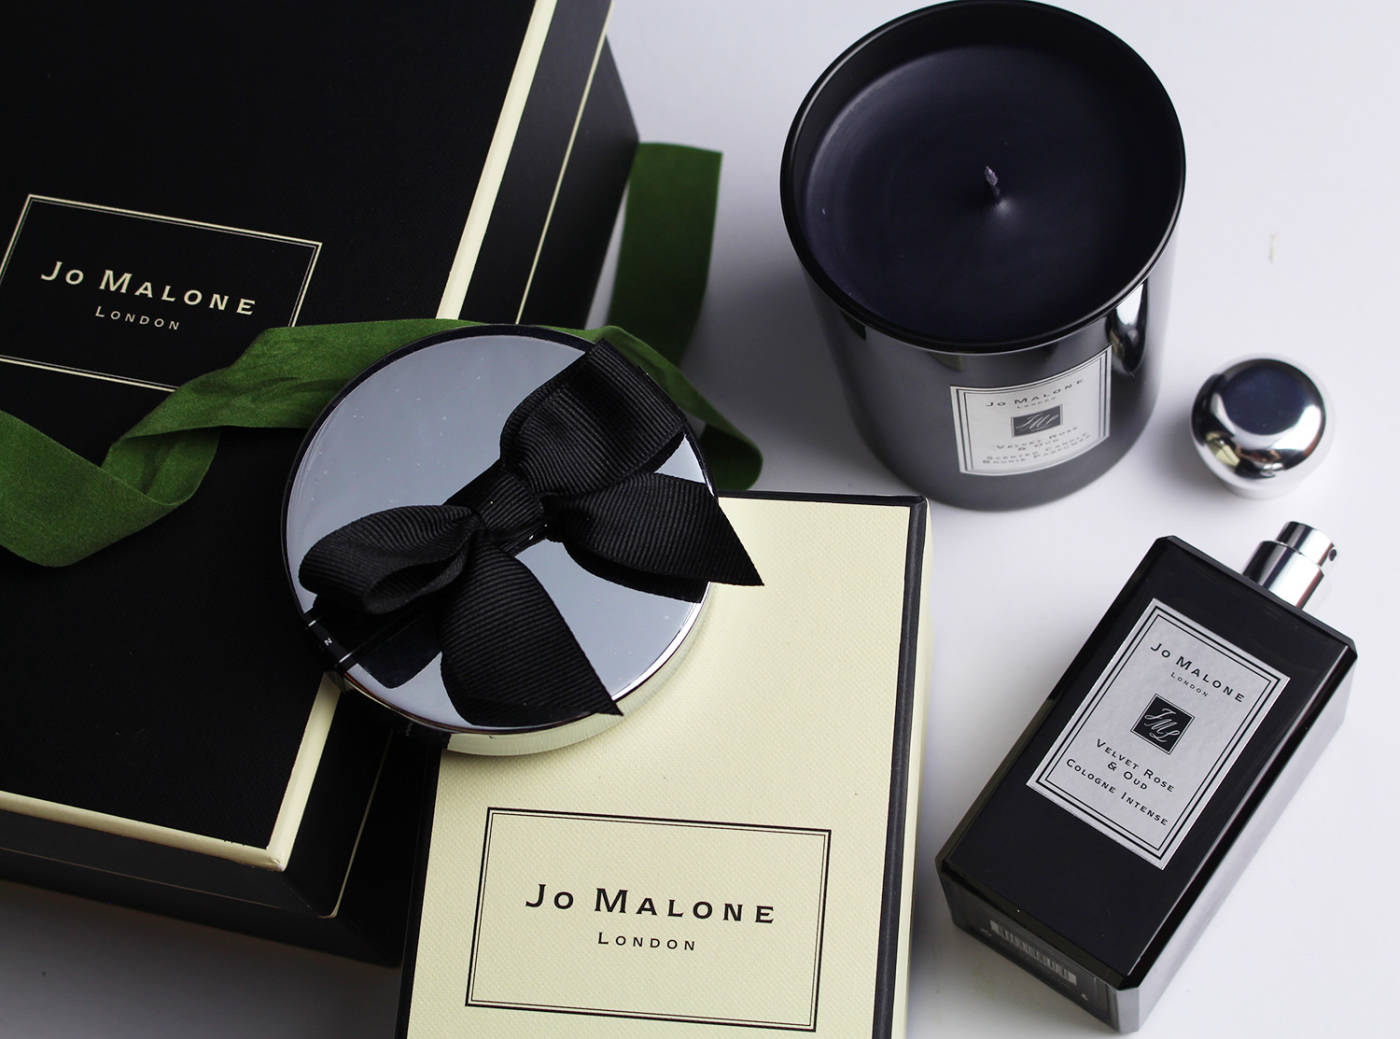 christmas gift guide - jo malone - jo malone perfume - fine fragrance - jo malone velvet & rose oud - velvet perfume - luxury fragrance